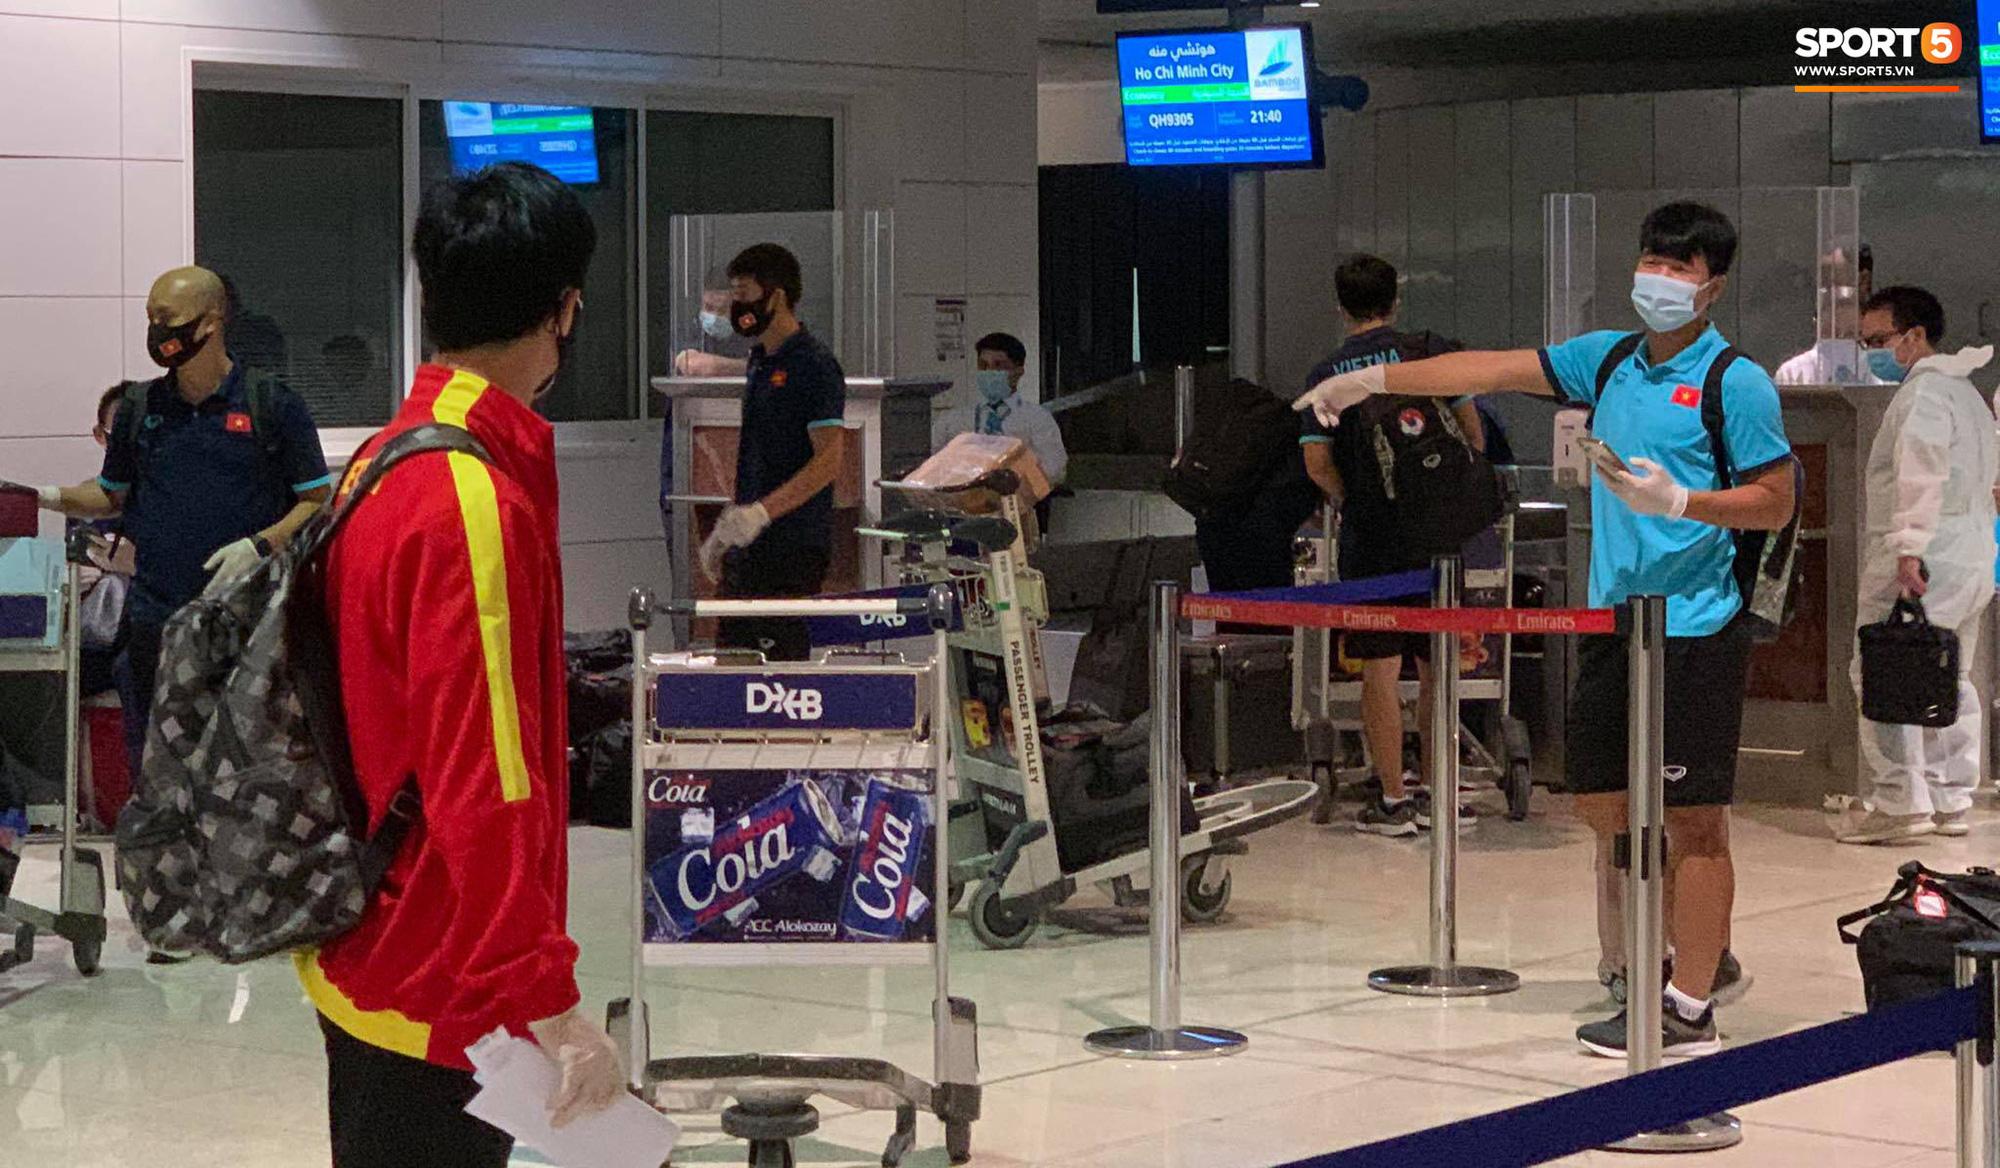 Tuyển Việt Nam lên chuyến bay lúc nửa đêm để về nước sau khi giành được chiến tích lịch sử tại vòng loại World Cup - Ảnh 11.